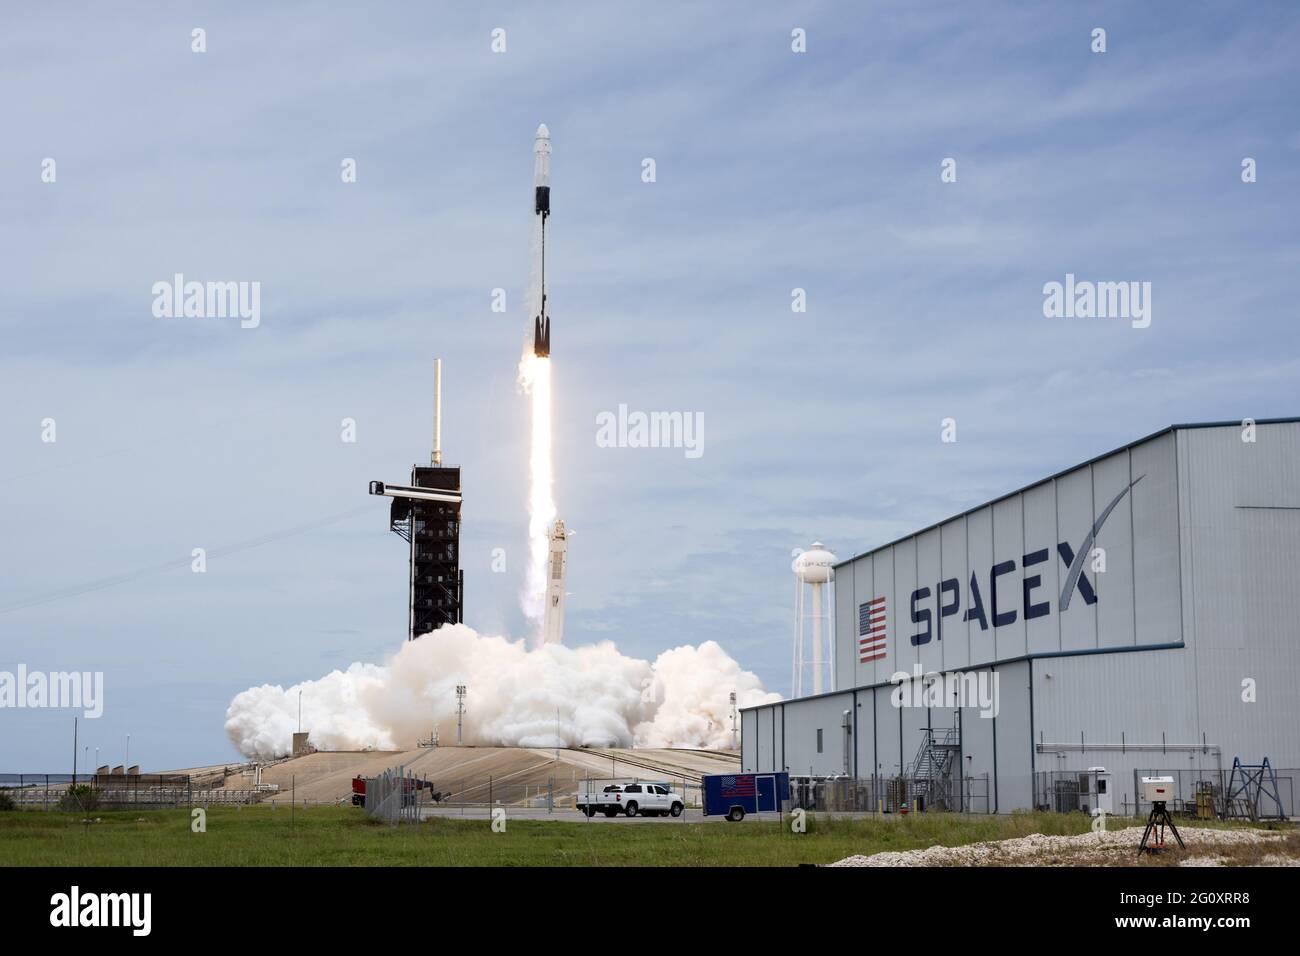 Florida, USA. 3. Juni 2021: Eine SpaceX Falcon 9-Rakete startet am Donnerstag, den 3. Juni 2021, die Raumsonde Cargo Dragon-2 für die NASA vom Komplex 39A im Kennedy Space Center, Florida. Dragon transportiert über drei Tonnen Vorräte, Experimente und Ersatzteile zur Internationalen Raumstation. Foto von Joe Marino/UPI Credit: UPI/Alamy Live News Stockfoto